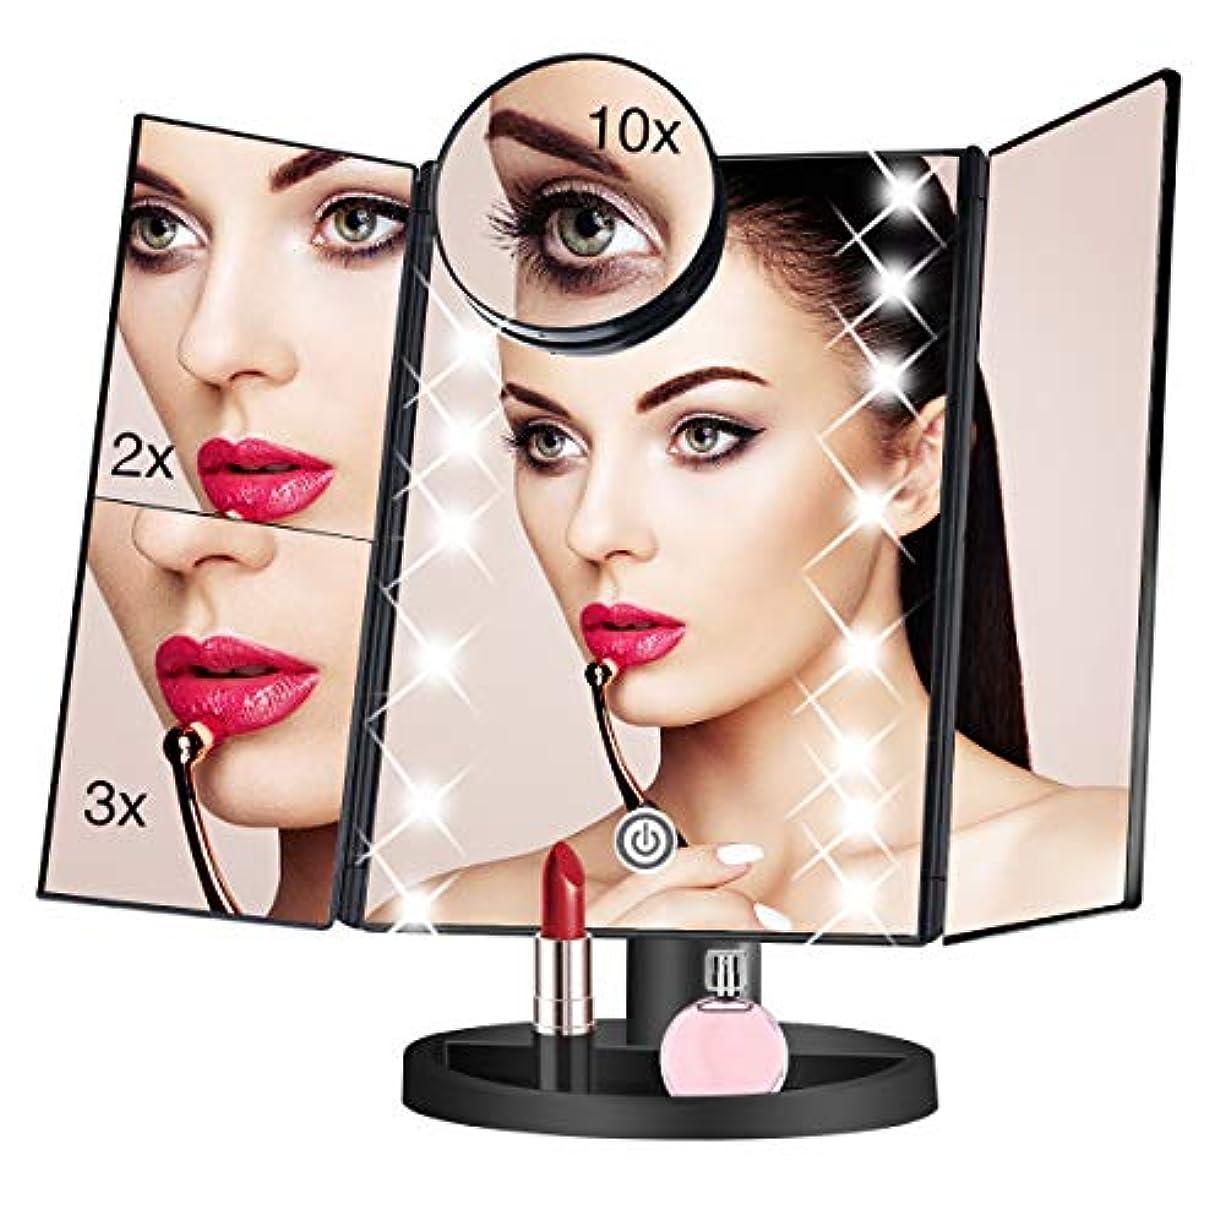 レキシコン専門化する子羊化粧鏡 三面鏡 鏡 卓上 LED付き 折りたたみ式 10倍拡大鏡付き 明るさ調節 180度回転 USB/単三電池給電 (化粧鏡)